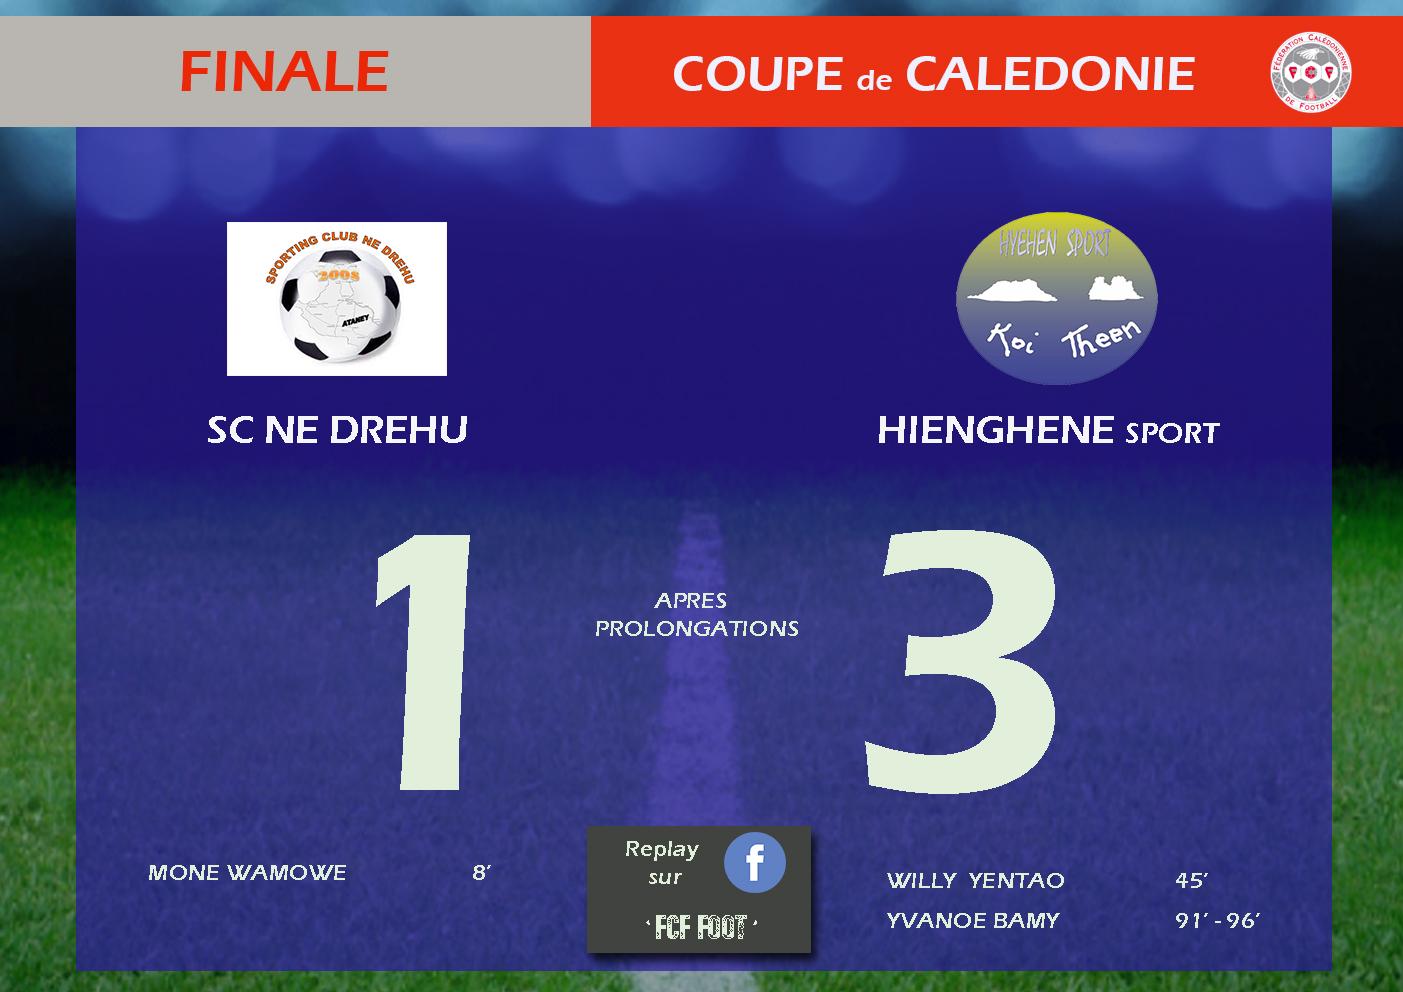 Et de 4 pour HIENGHENE SPORT  / Finale - Coupe de Calédonie / REPLAY VIDEO